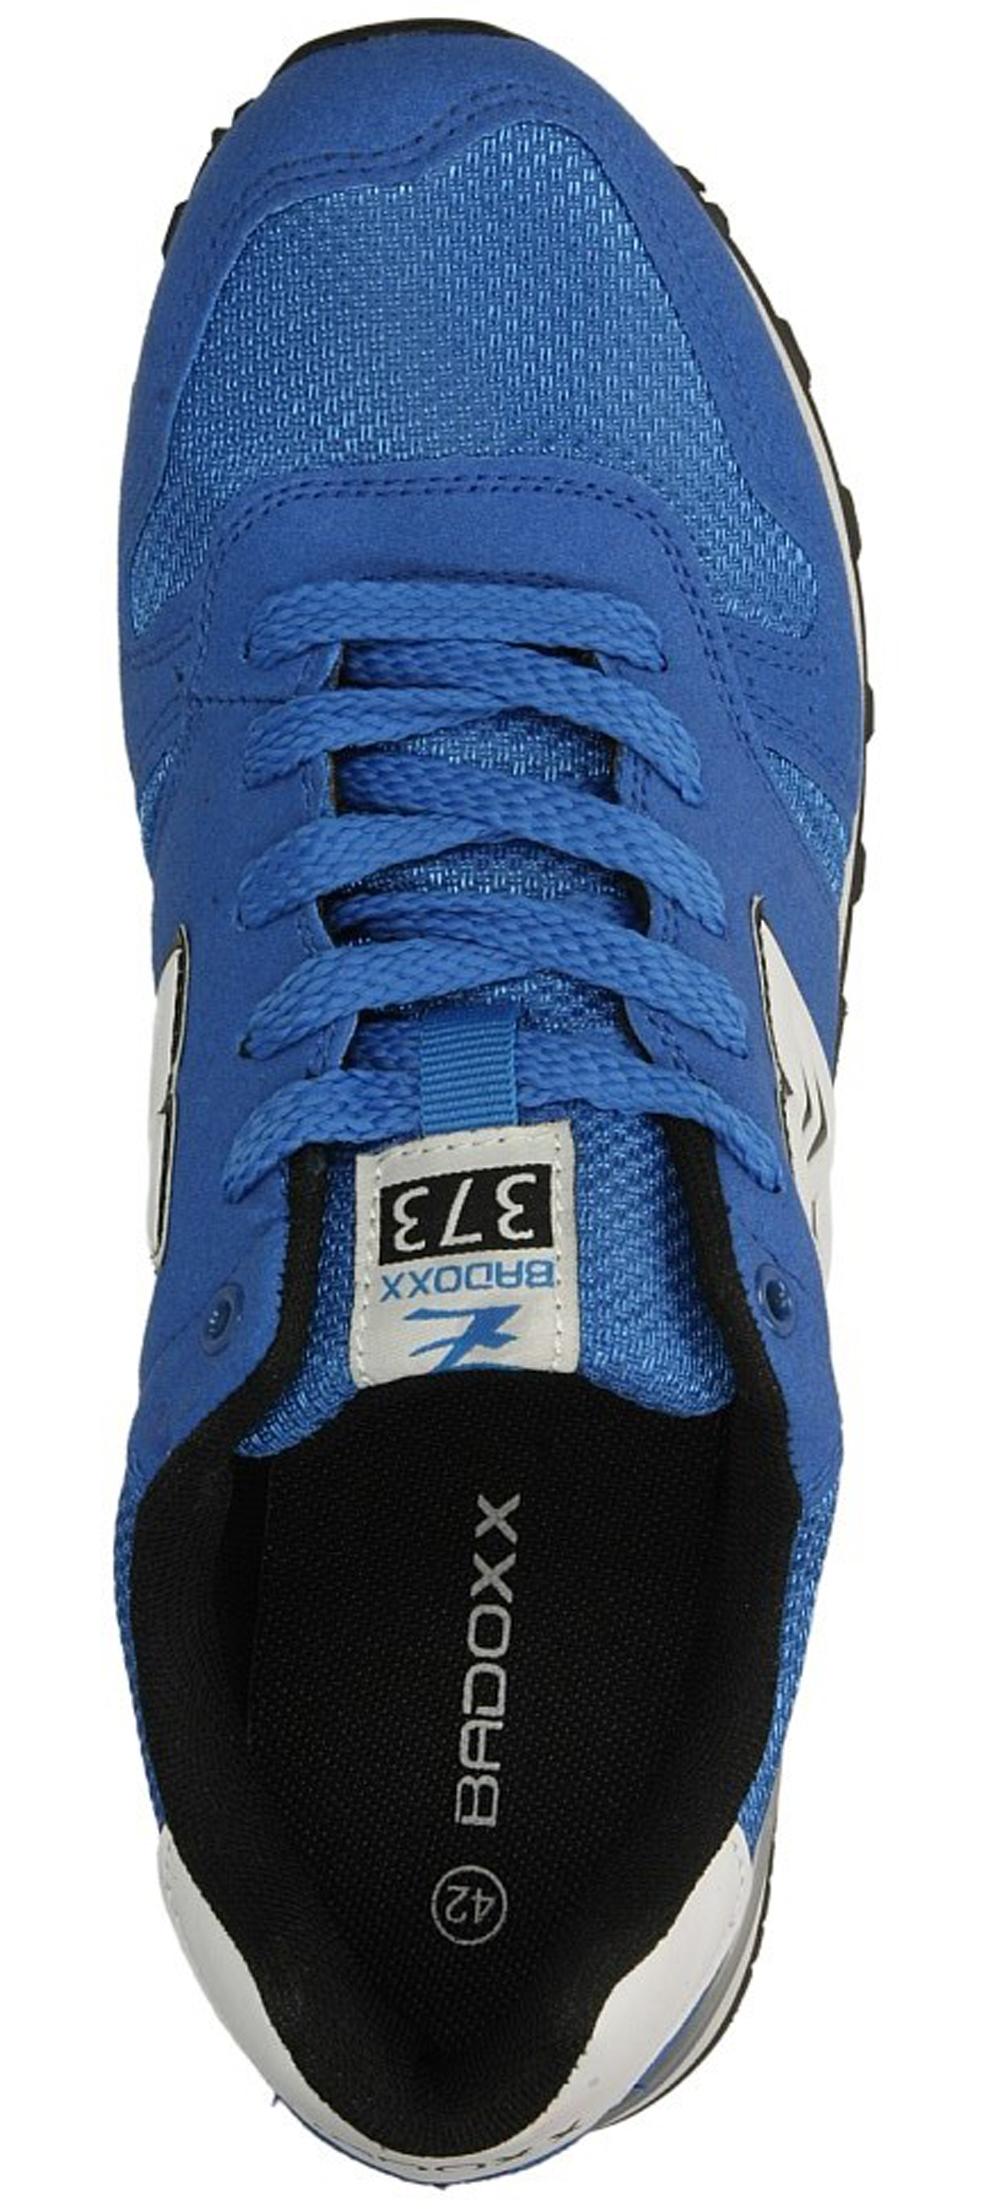 Damskie SPORTOWE CASU LXC6425 niebieski;biały;